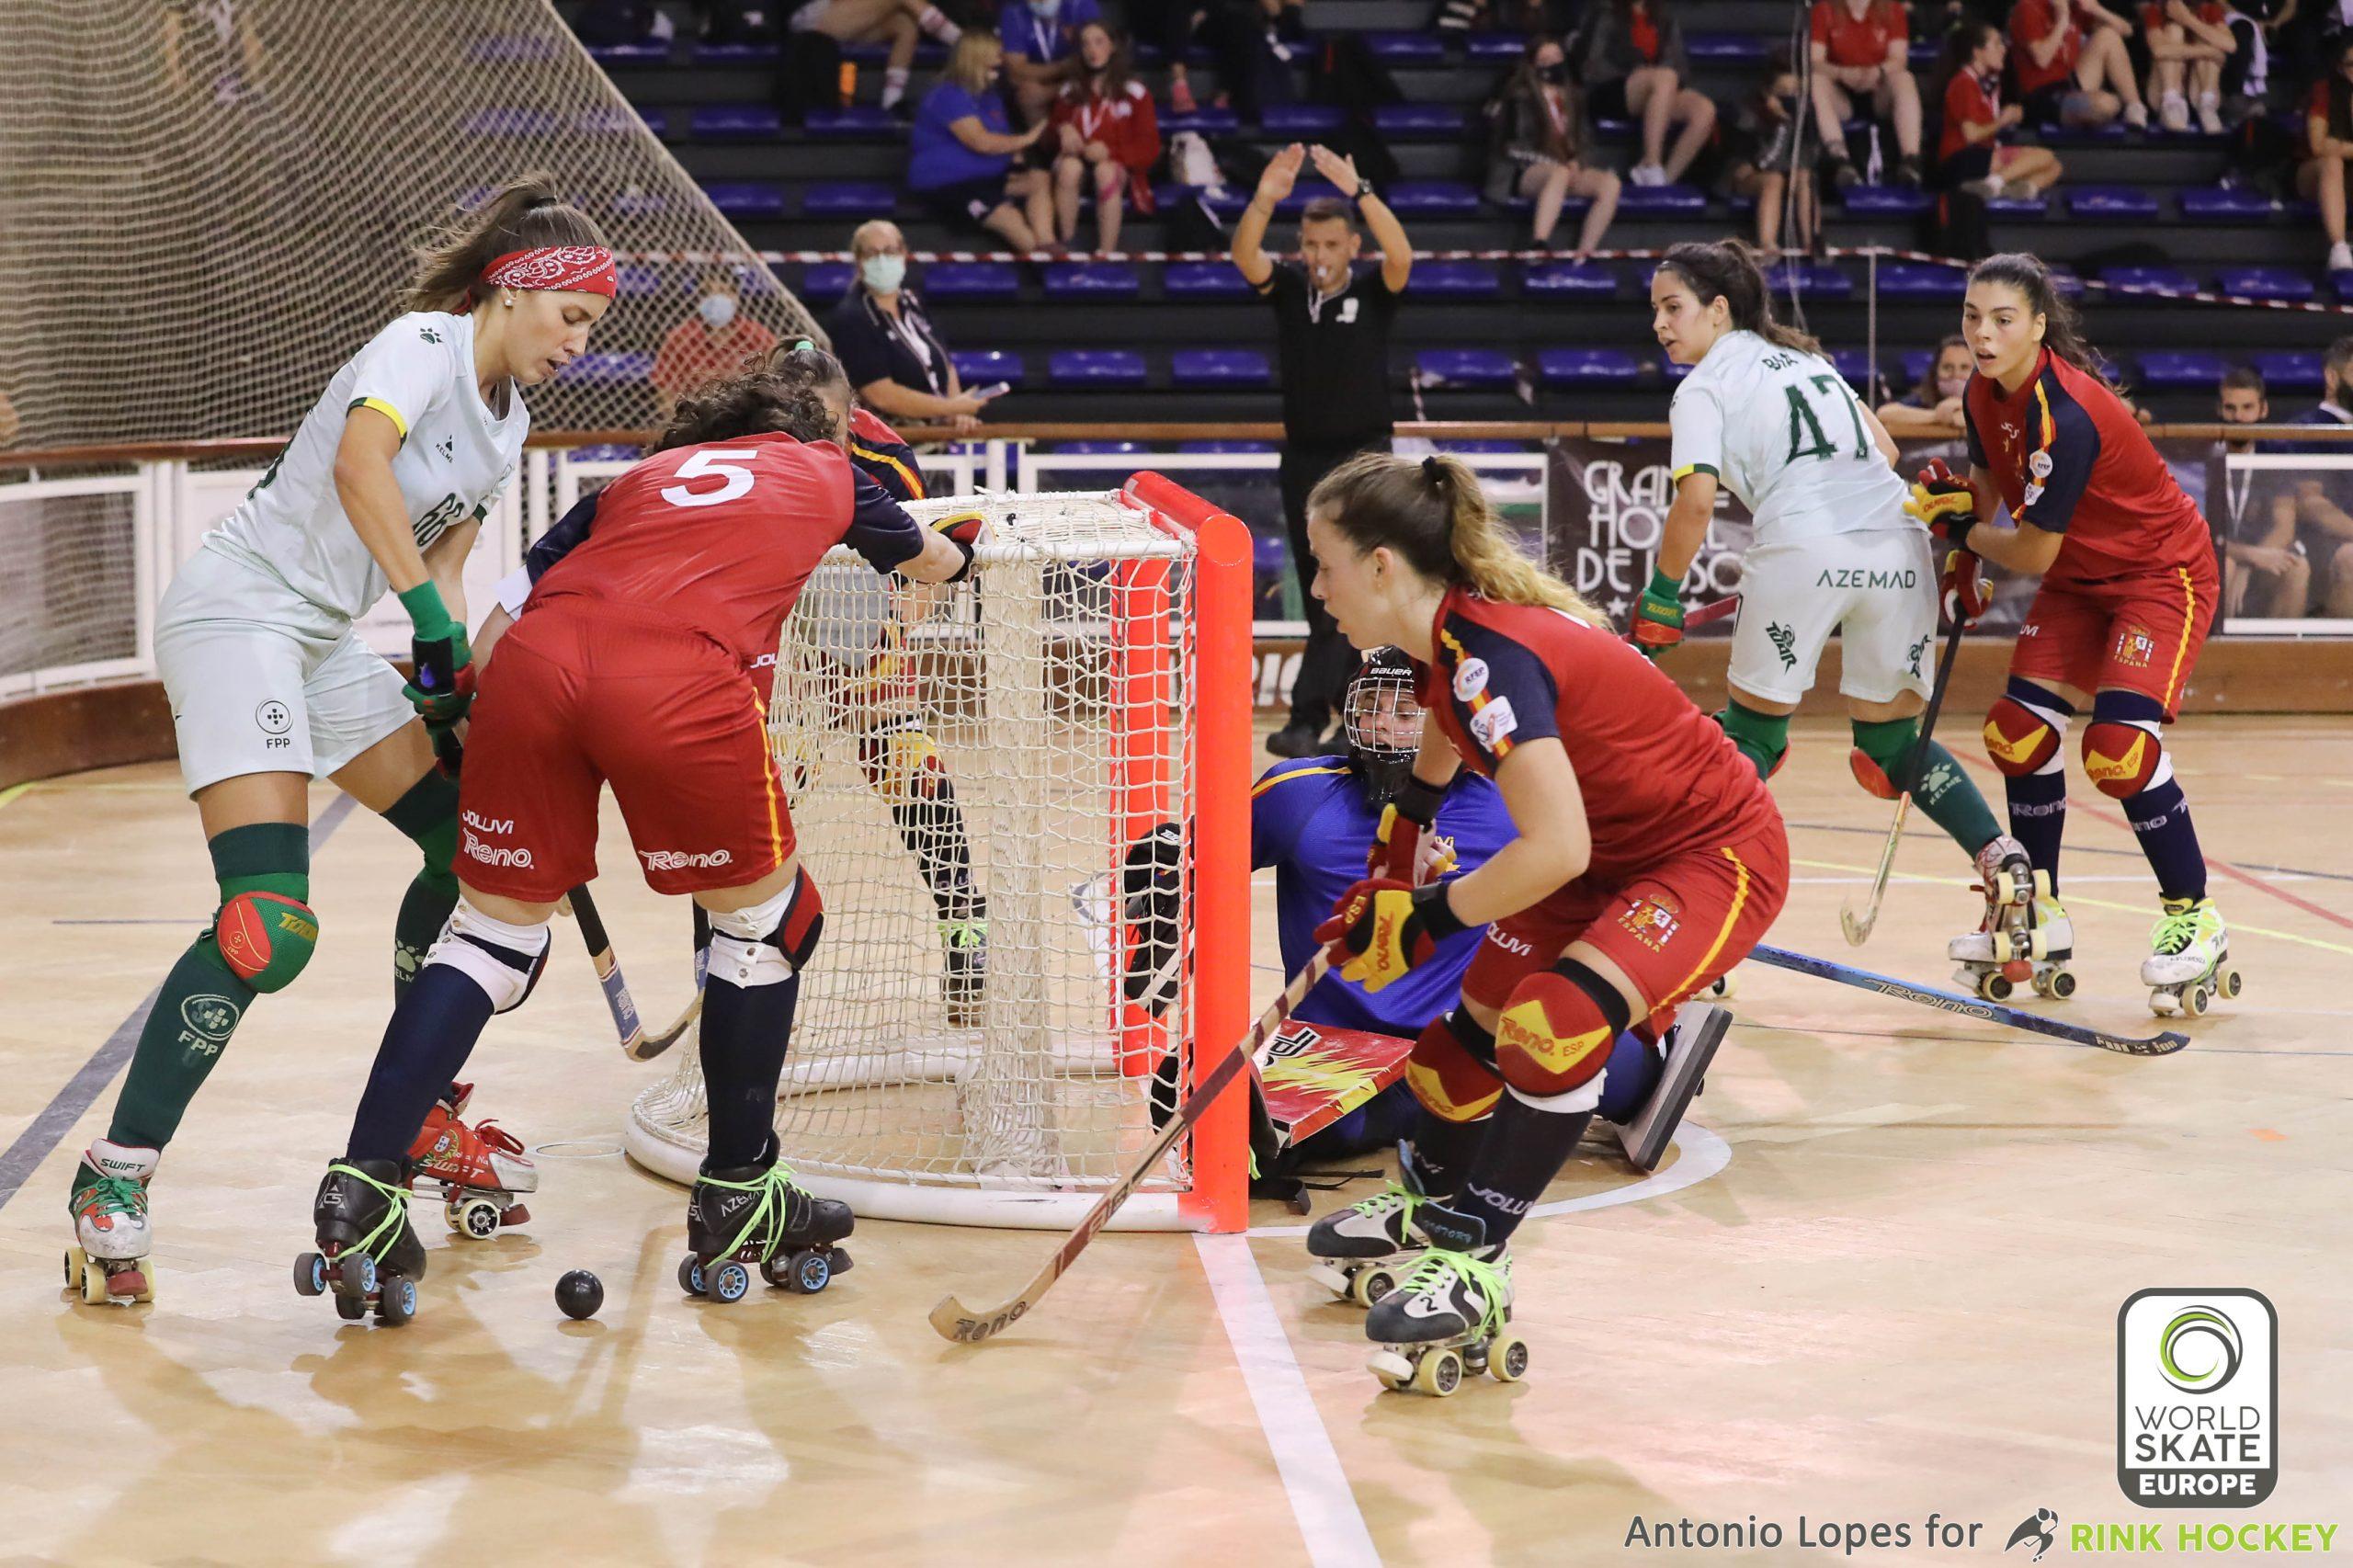 PHOTOS - 14-10-2021 - EUROFEMALE 2021 - Match #233 - Portugal x Spain